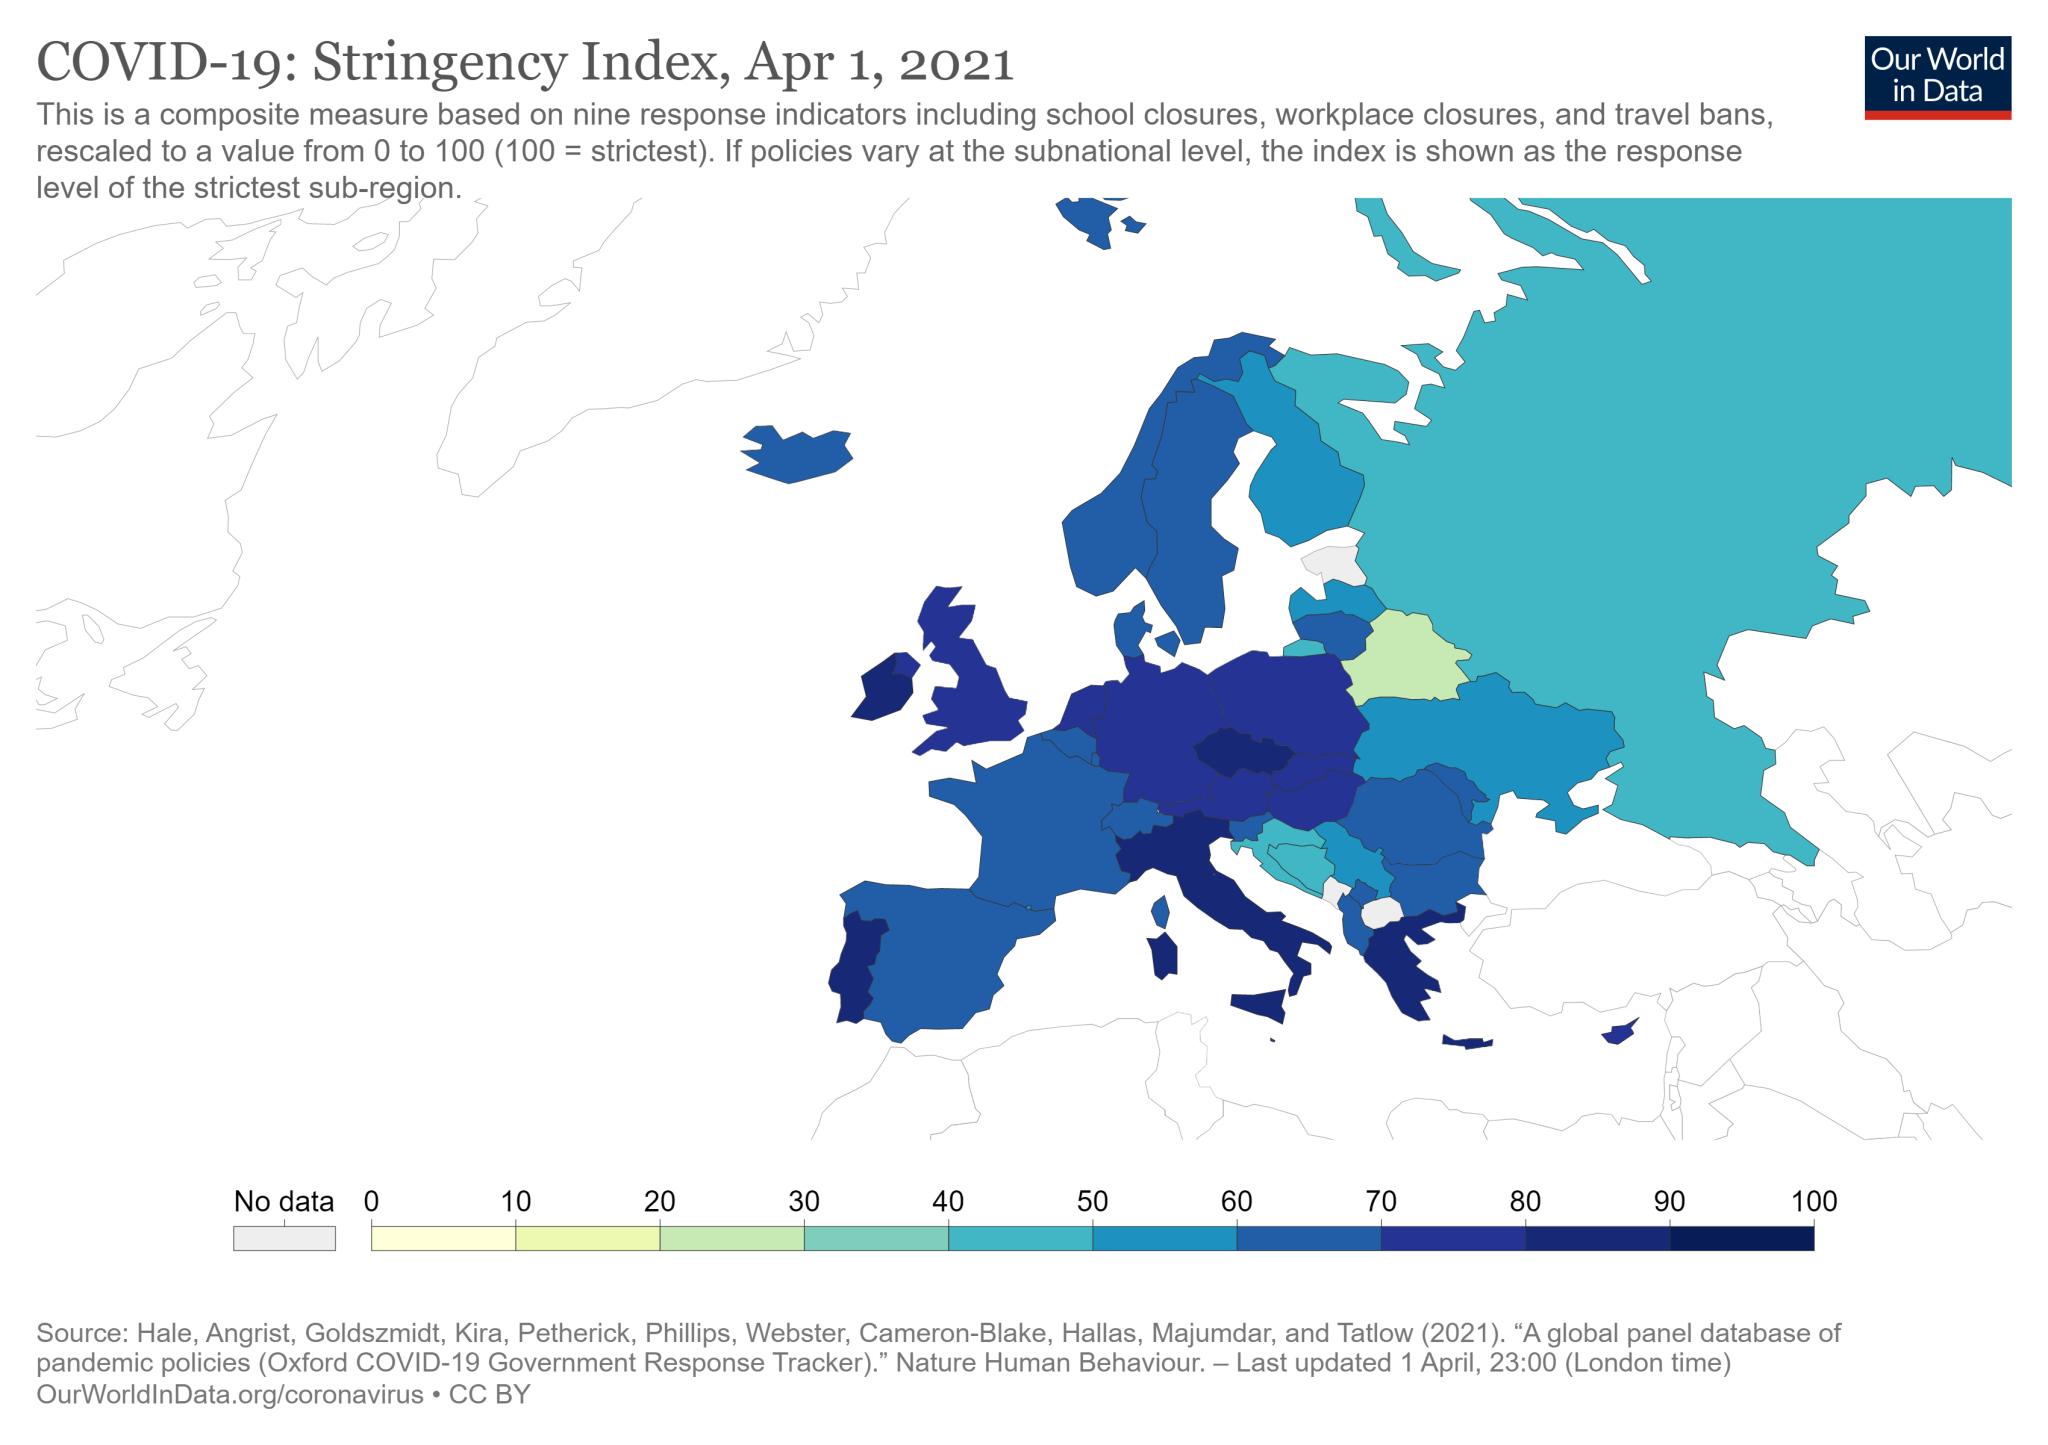 COVID-19: wskaźnik restrykcyjności w Europie (stan na 1 kwietnia 2021 roku)